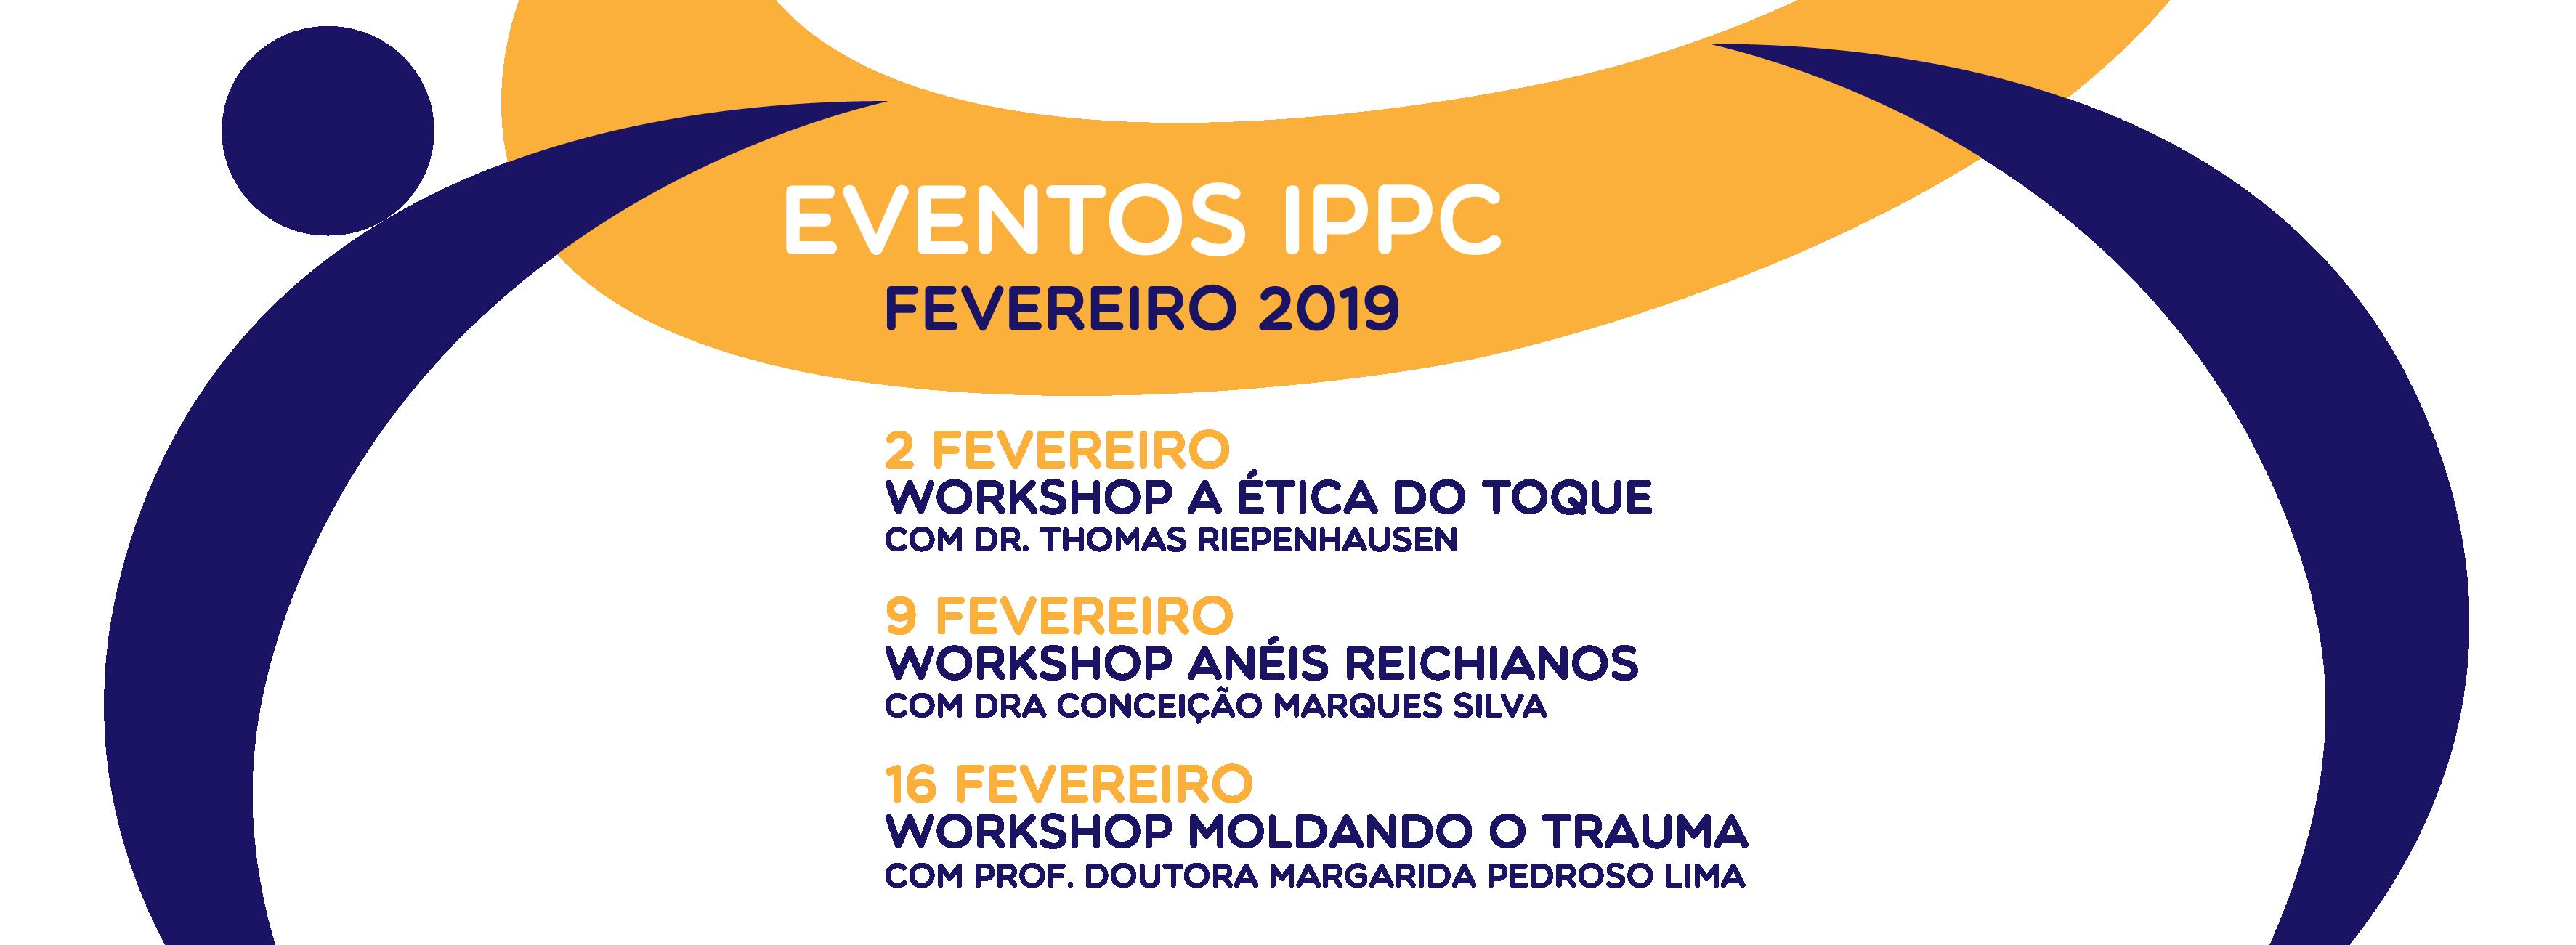 eventos IPPC fevereiro 2019